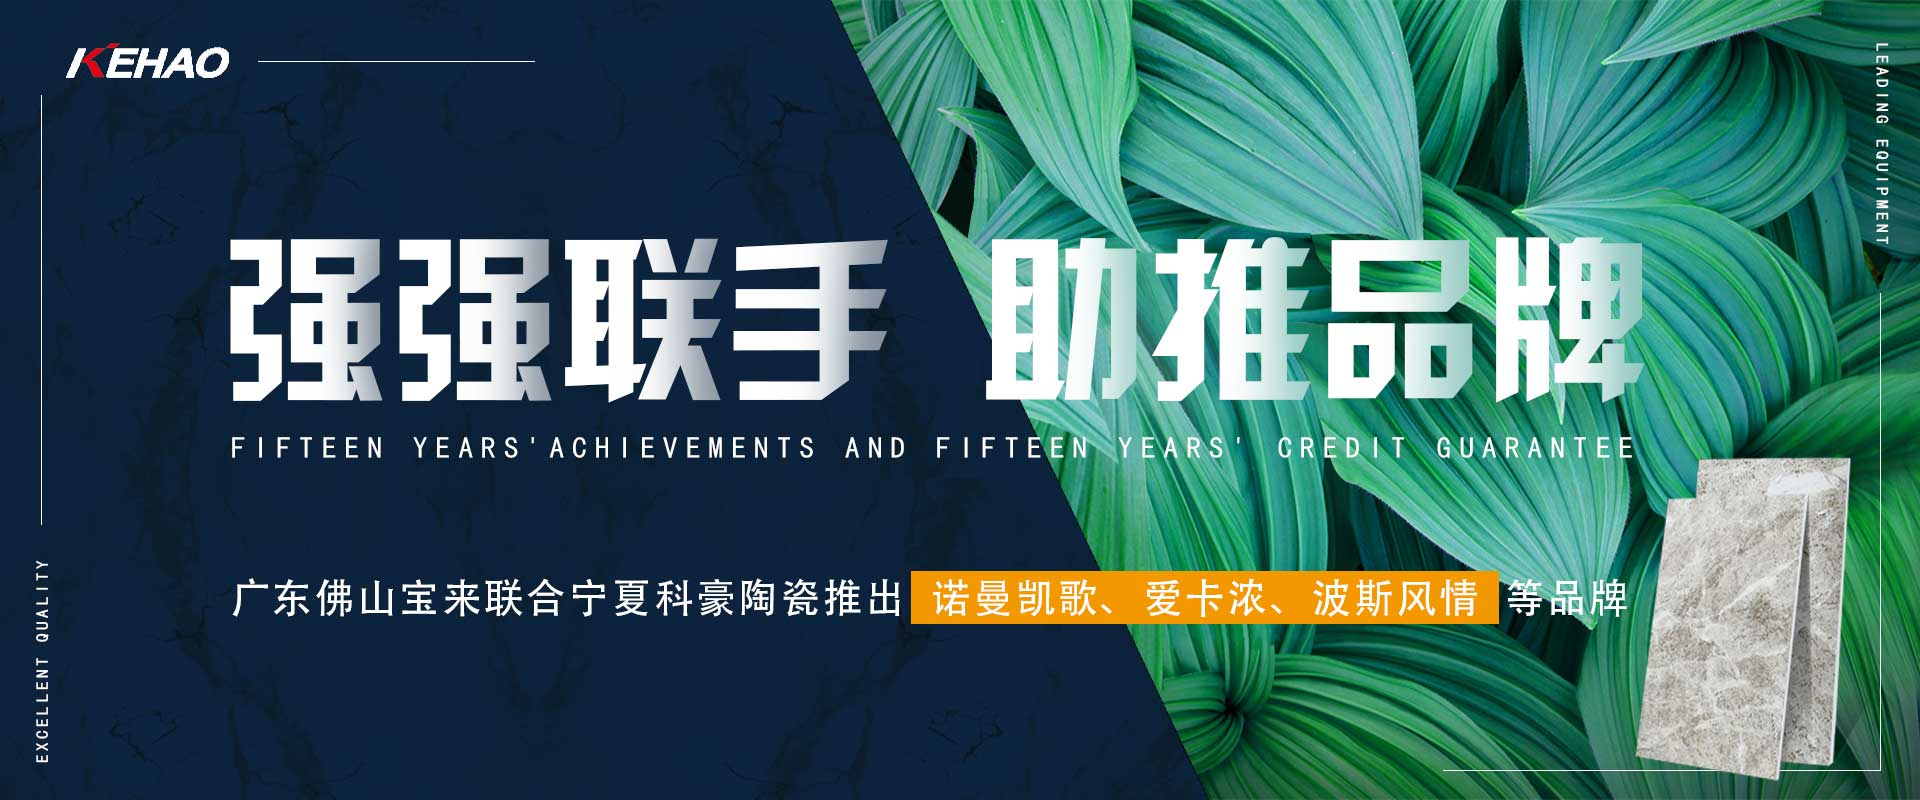 宁夏万博网页版登陆页面陶瓷